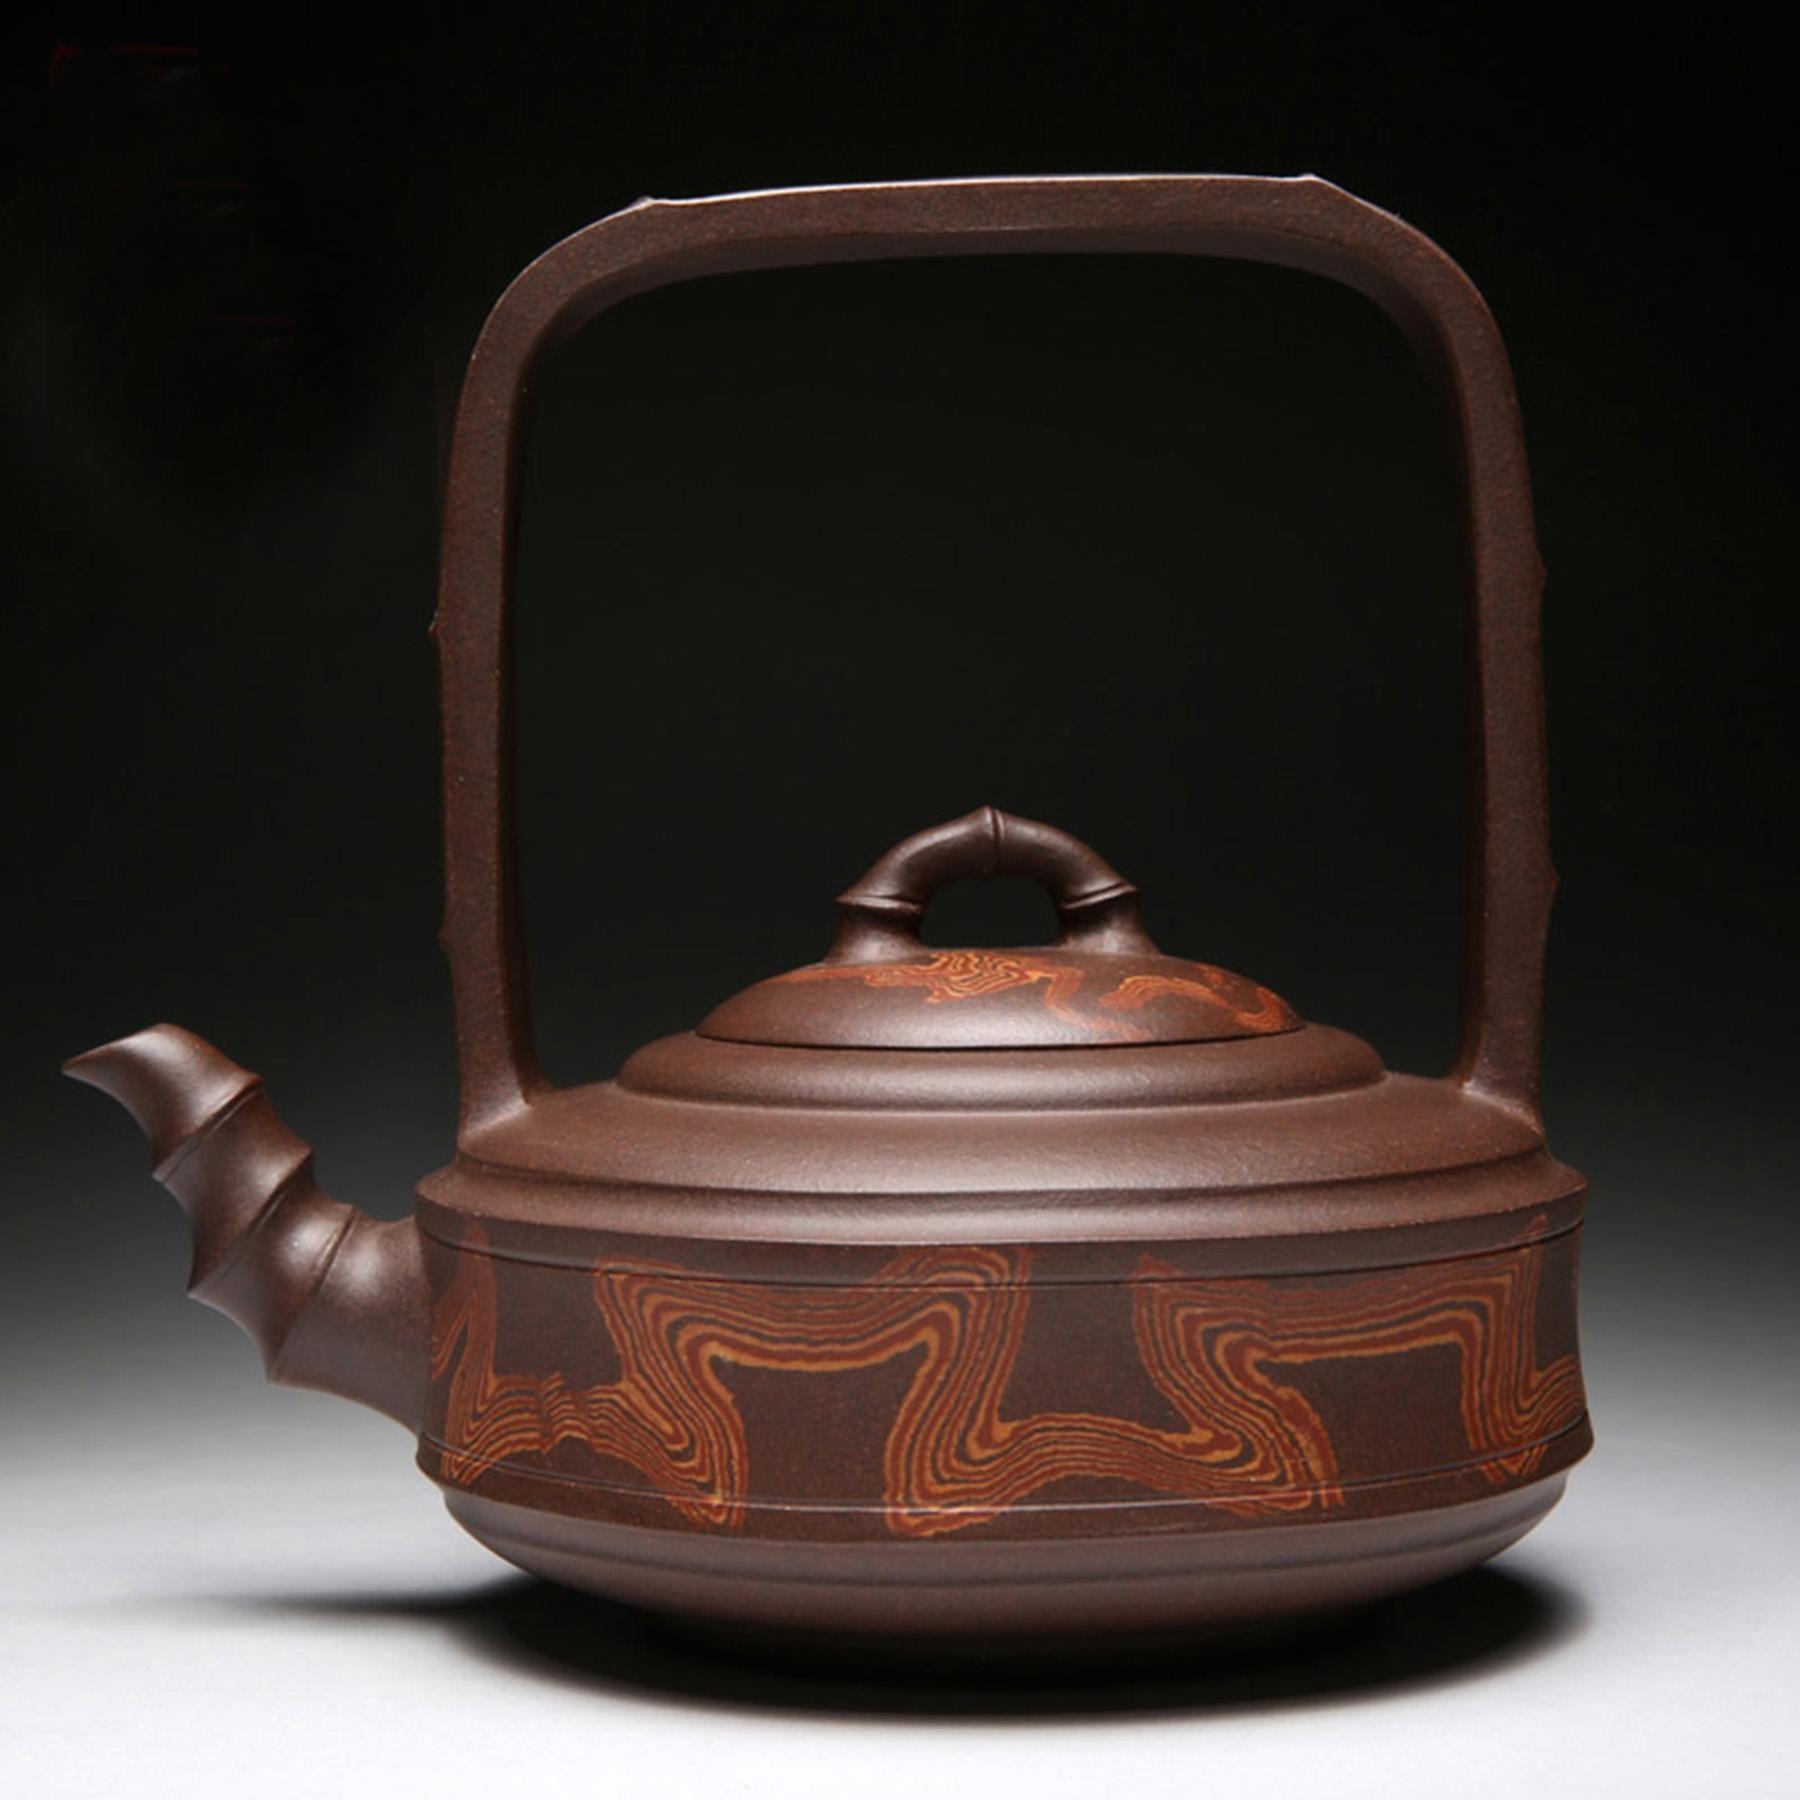 chinese yixing teapot handmade teapot org jiaoni ti liang pot